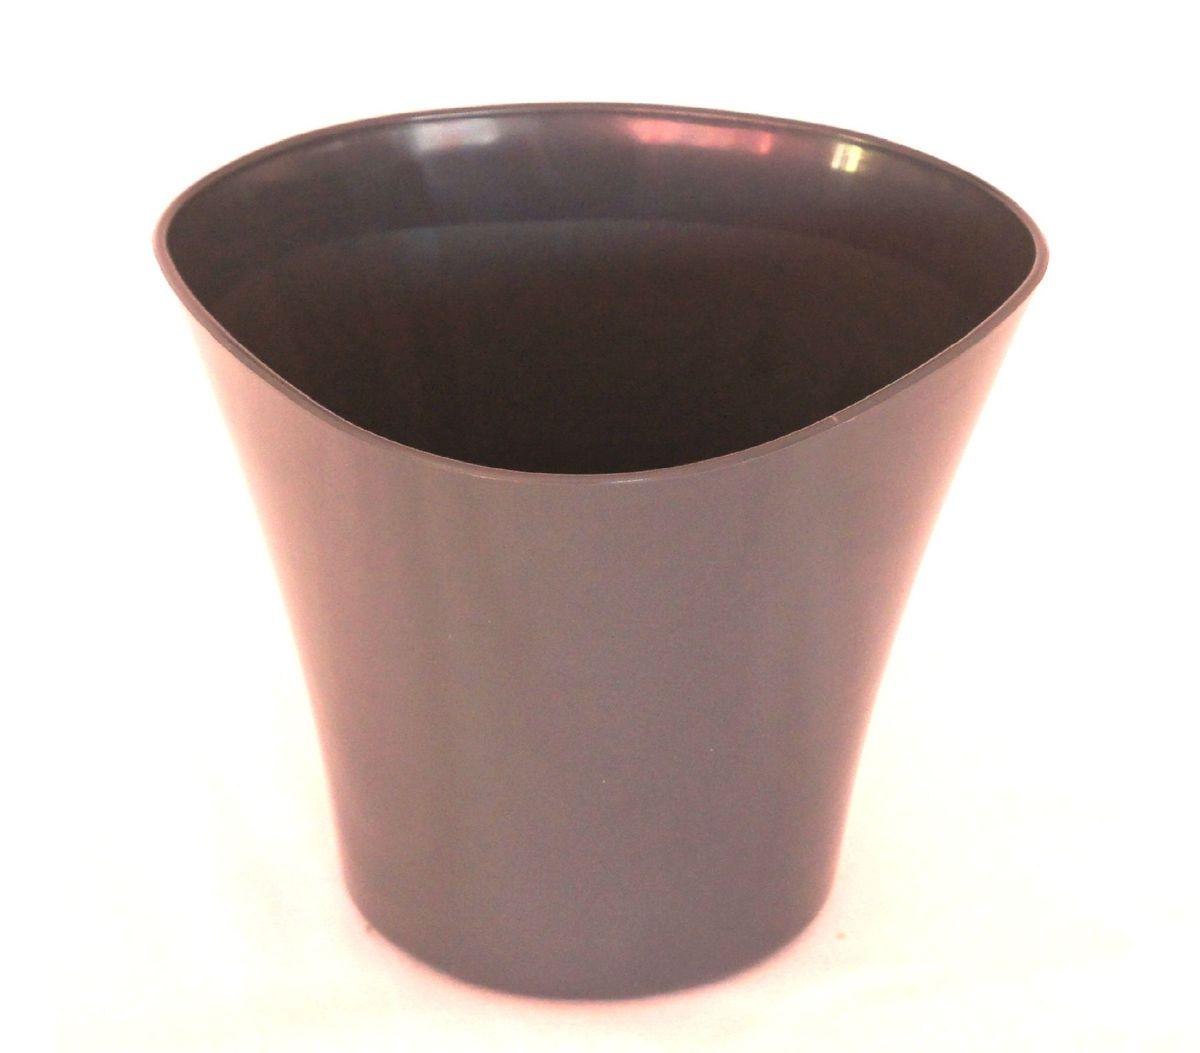 Кашпо JetPlast Волна, цвет: антрацит, 600 мл4612754051434Кашпо Волна имеет уникальную форму, сочетающуюся как с классическим, так и с современным дизайном интерьера. Оно изготовлено из прочного полипропилена (пластика) и предназначено для выращивания растений, цветов и трав в домашних условиях. Такое кашпо порадует вас функциональностью, а благодаря лаконичному дизайну впишется в любой интерьер помещения. Объем кашпо: 600 мл.